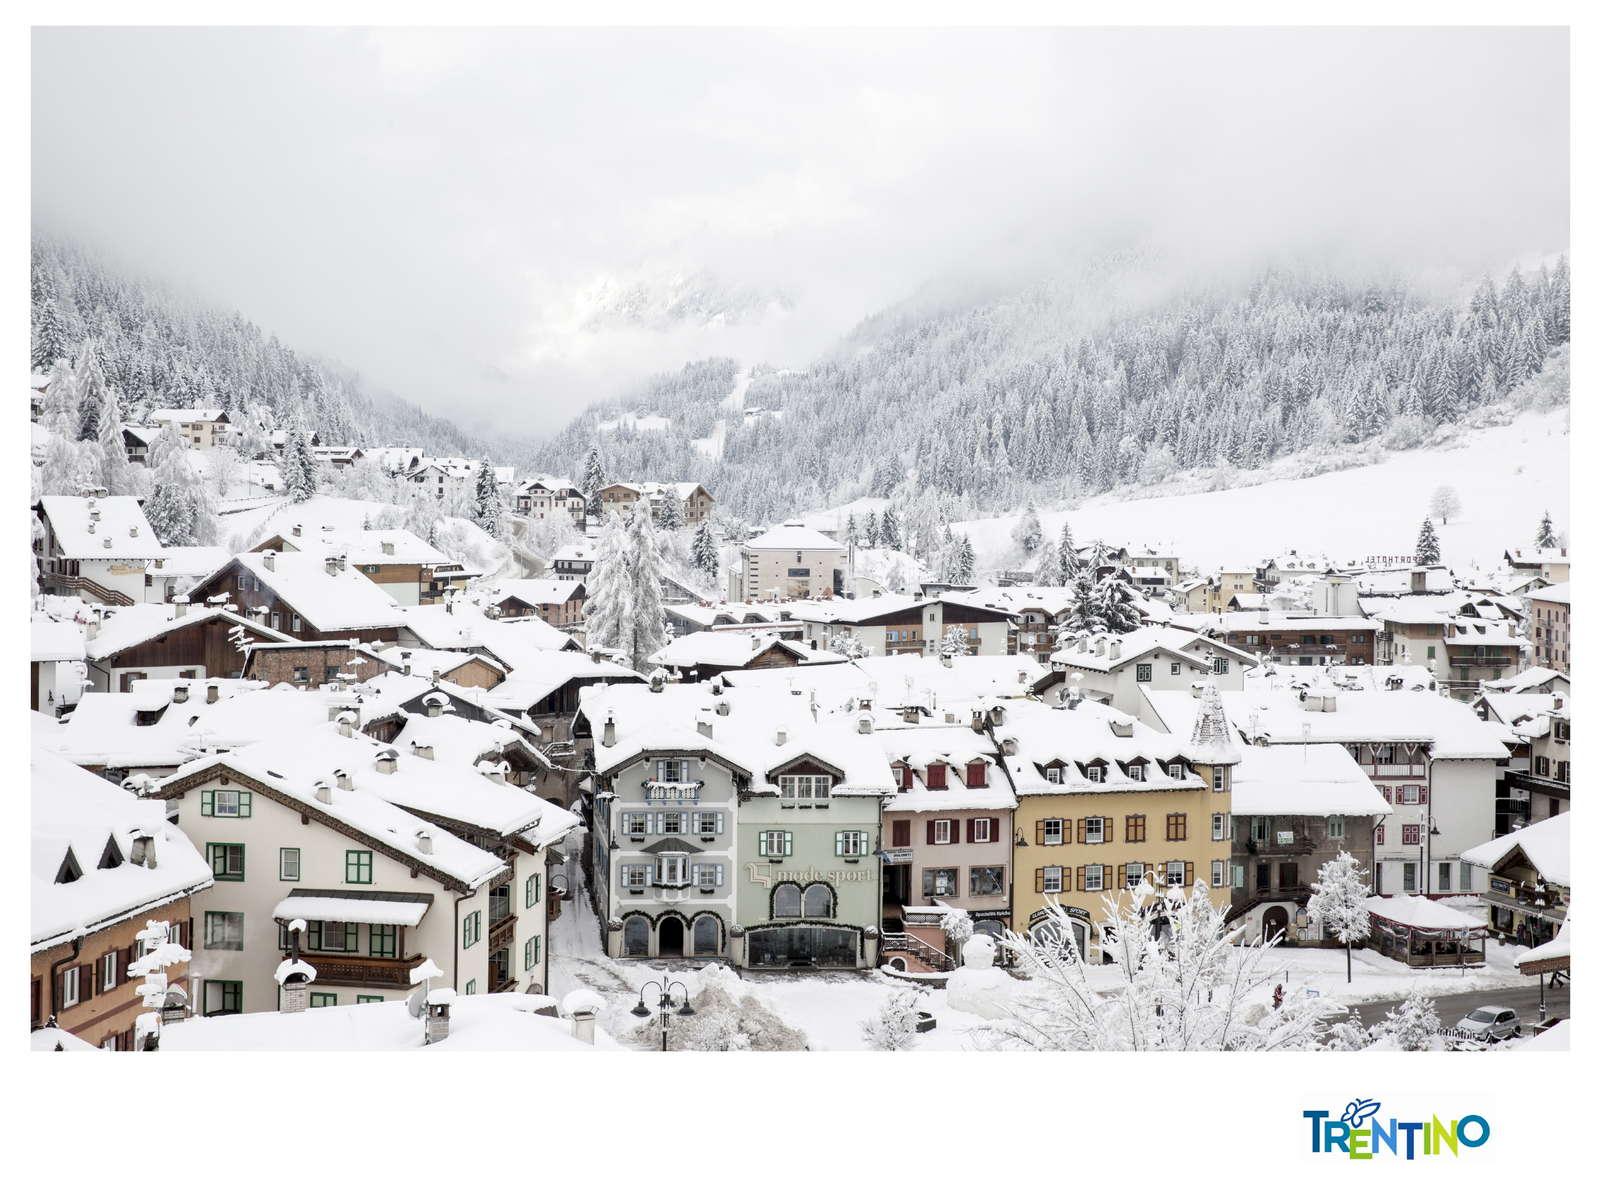 Trentino_Corporate05